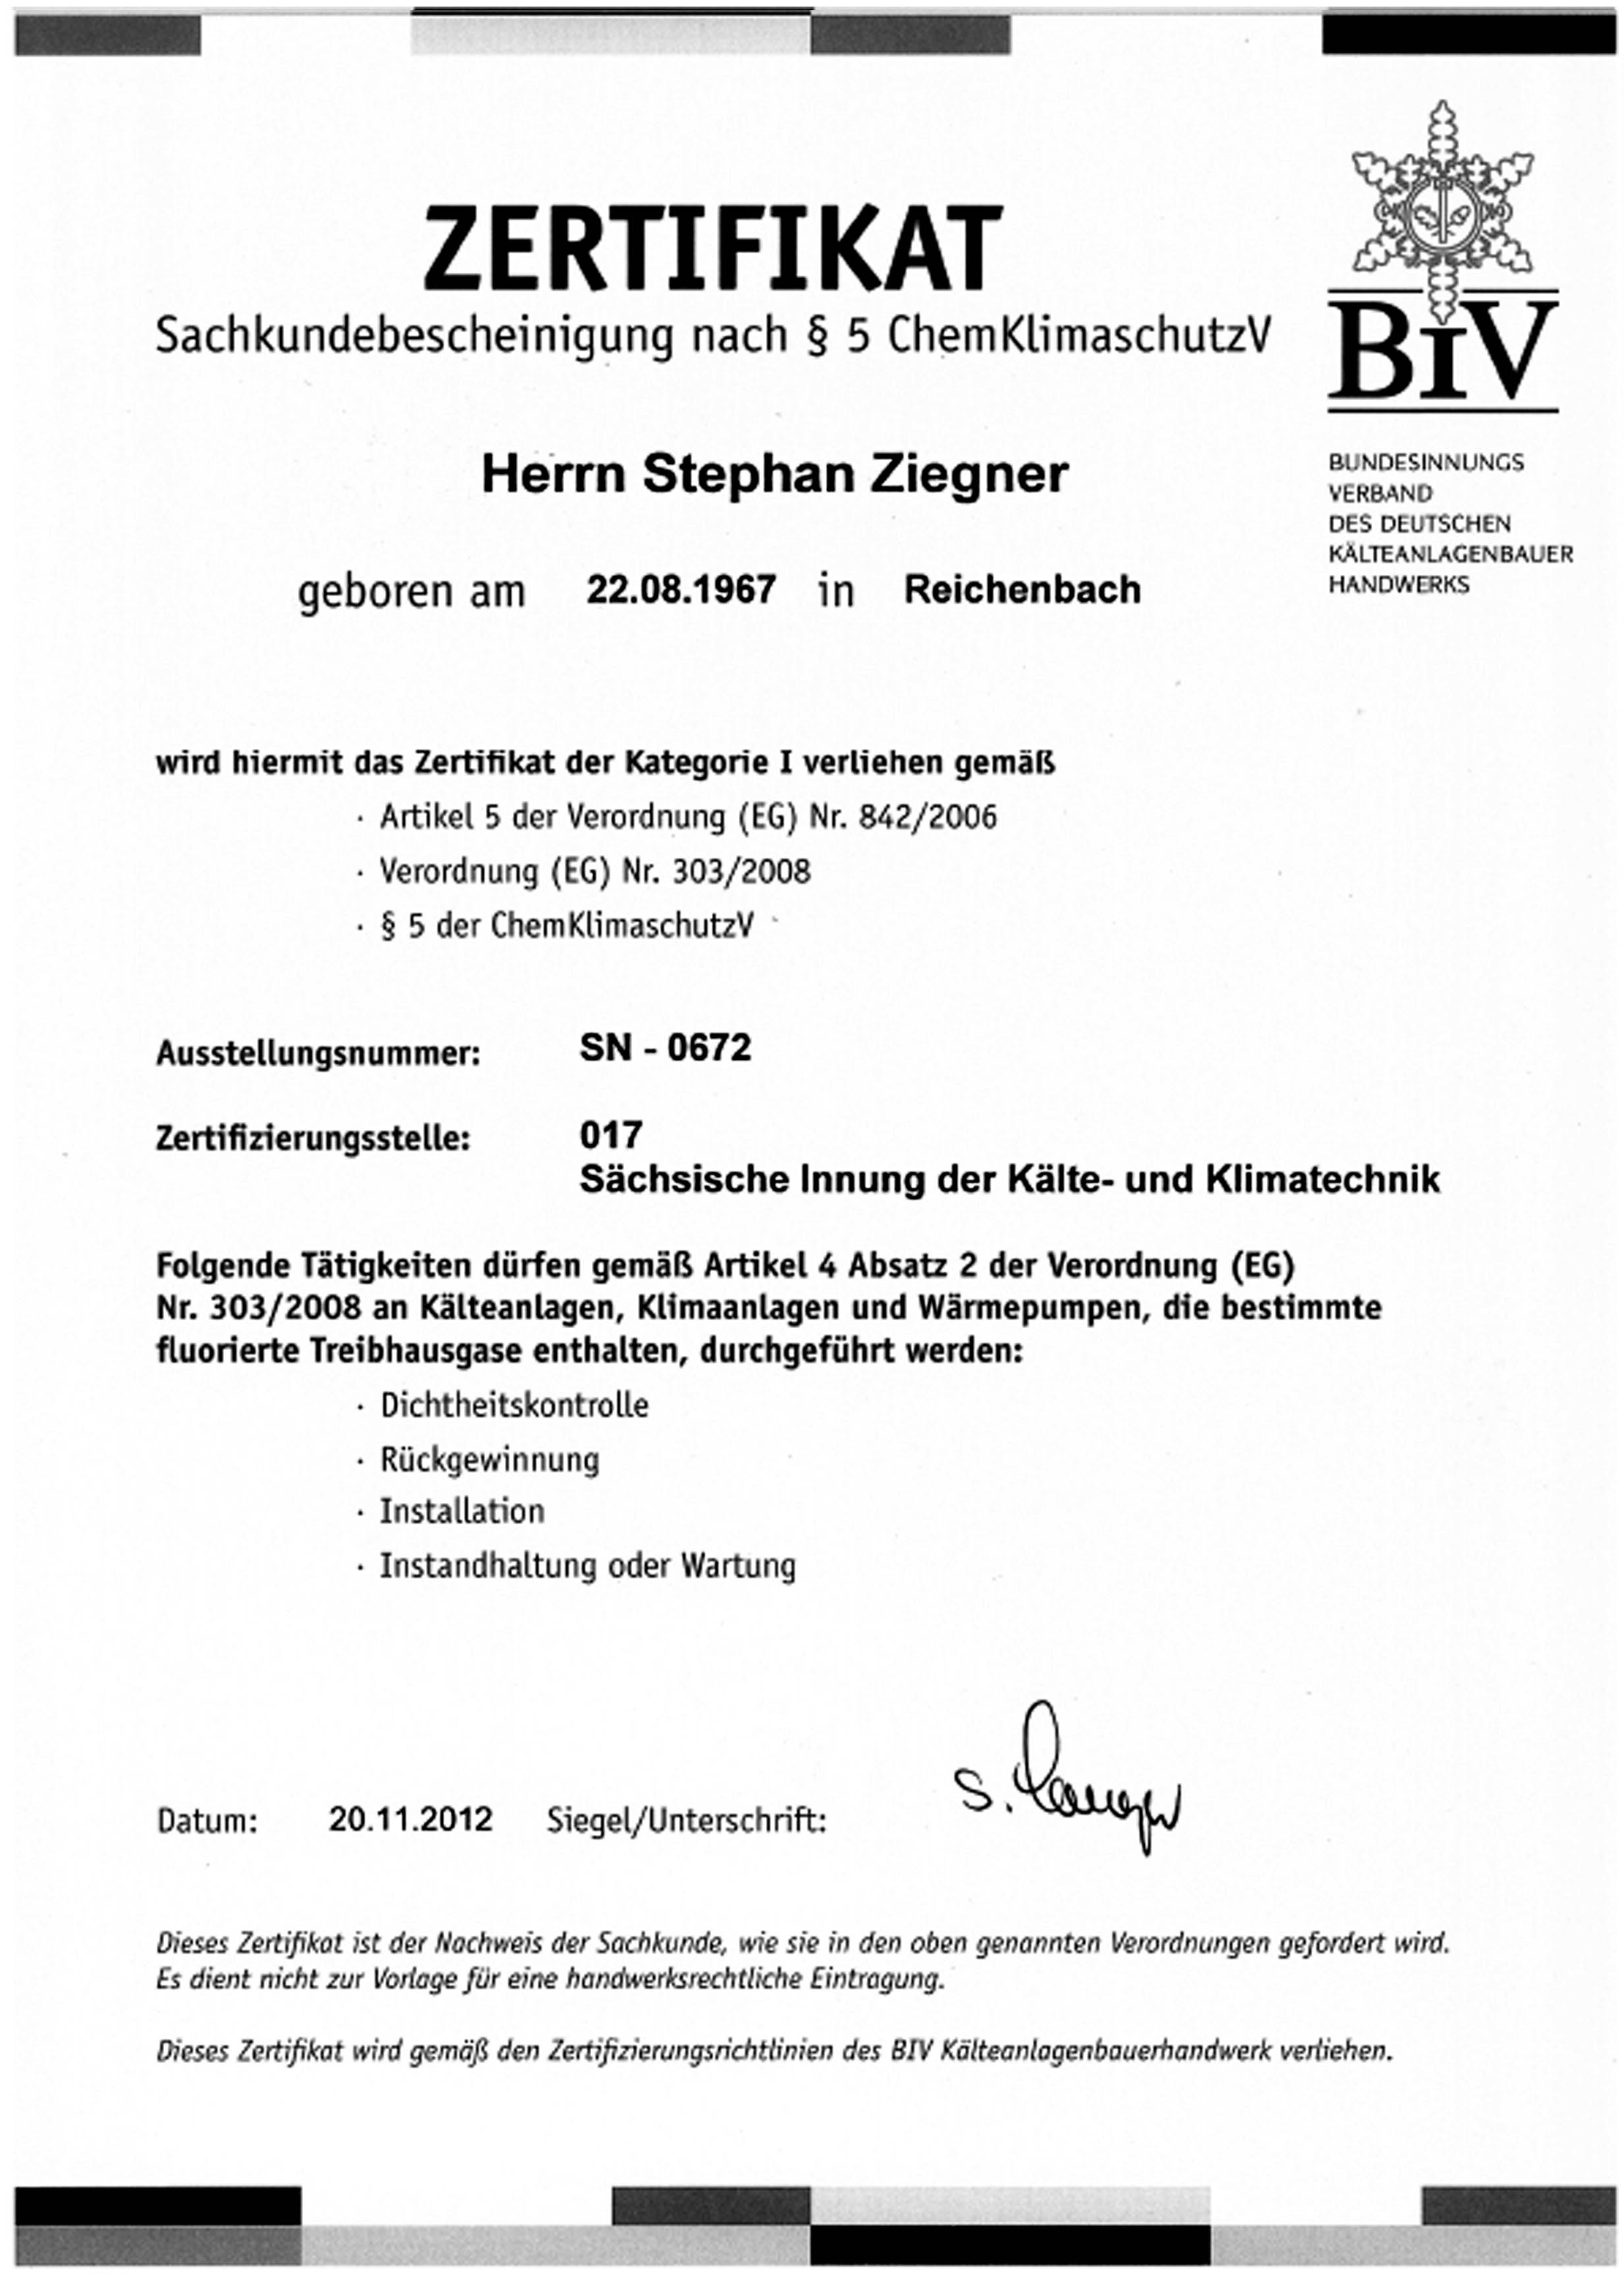 Sachkundebescheinigung nach § 5-ChemklimaschutzV Stefan Ziegner